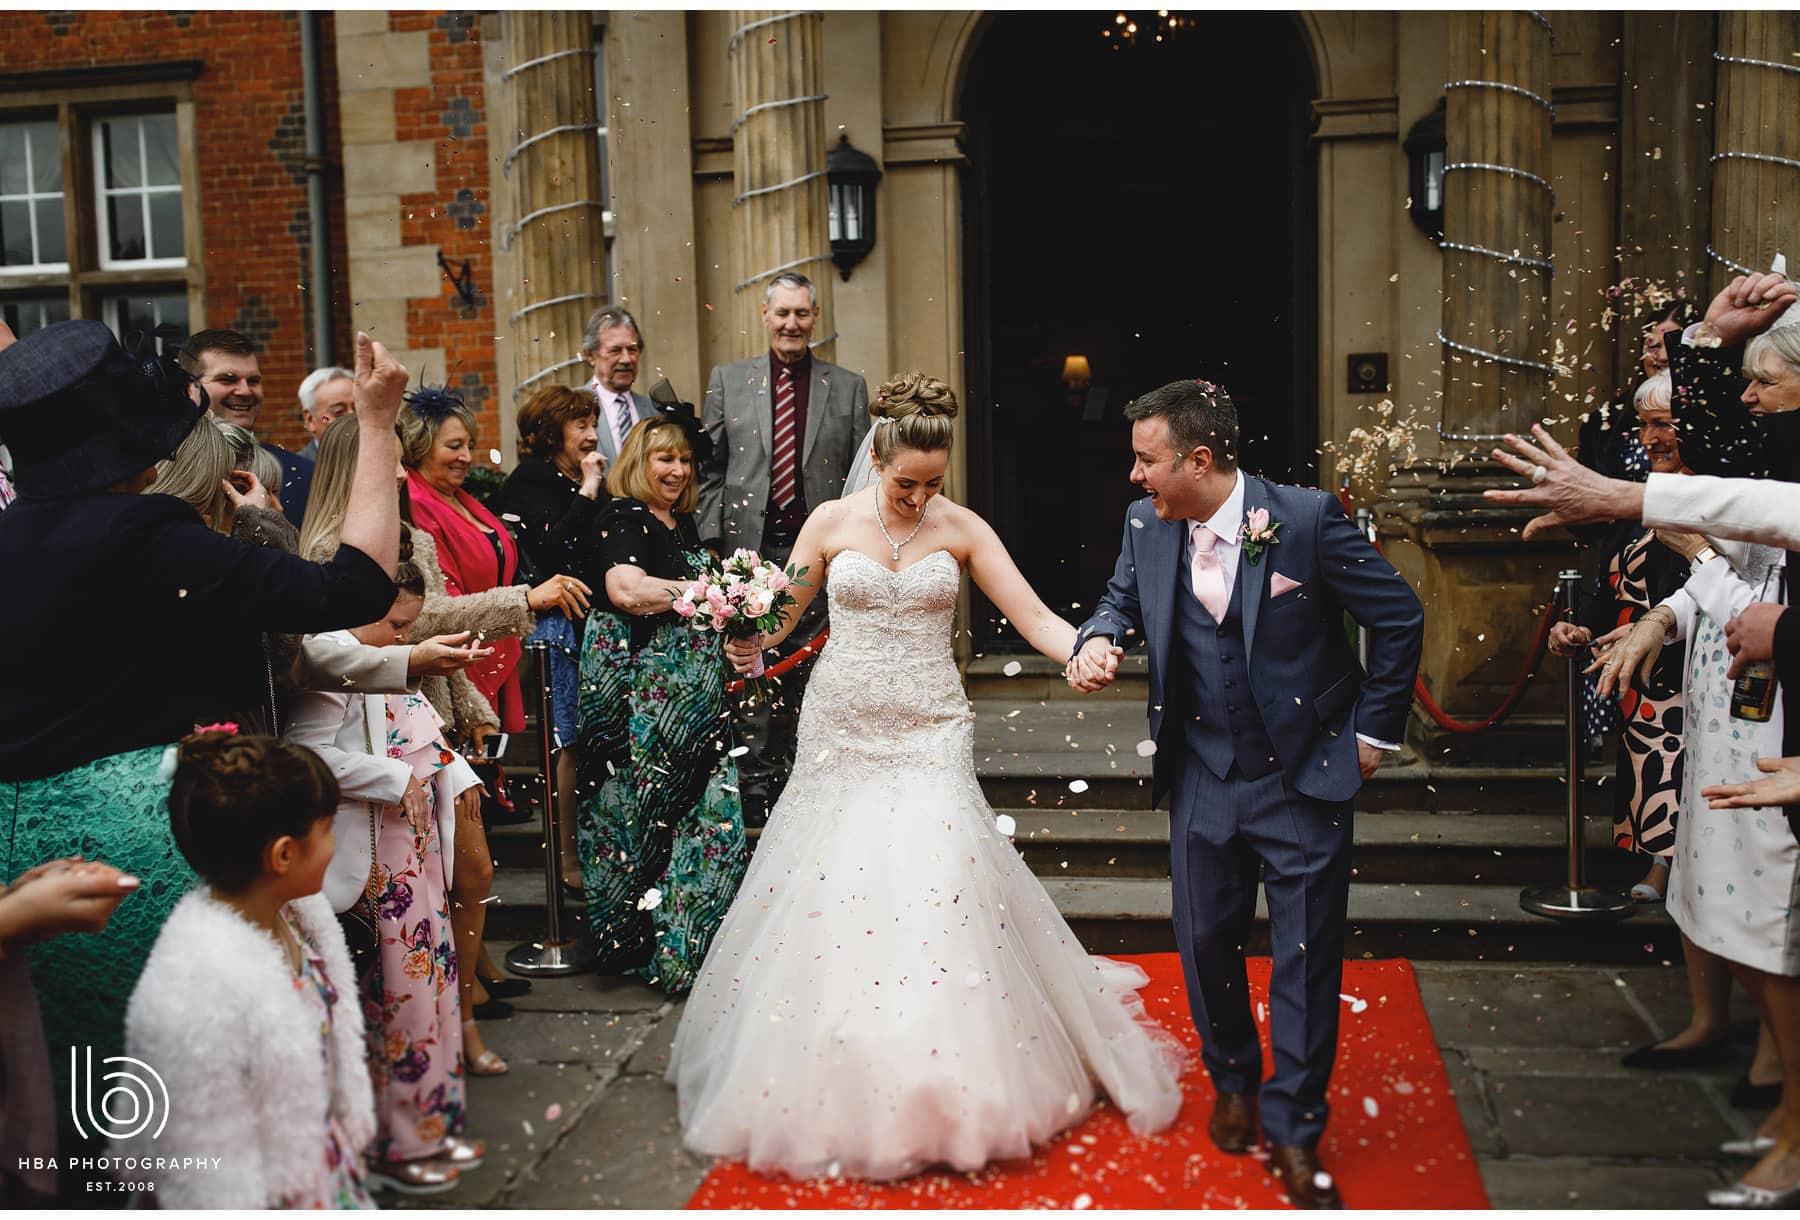 the bride & groom with confetti